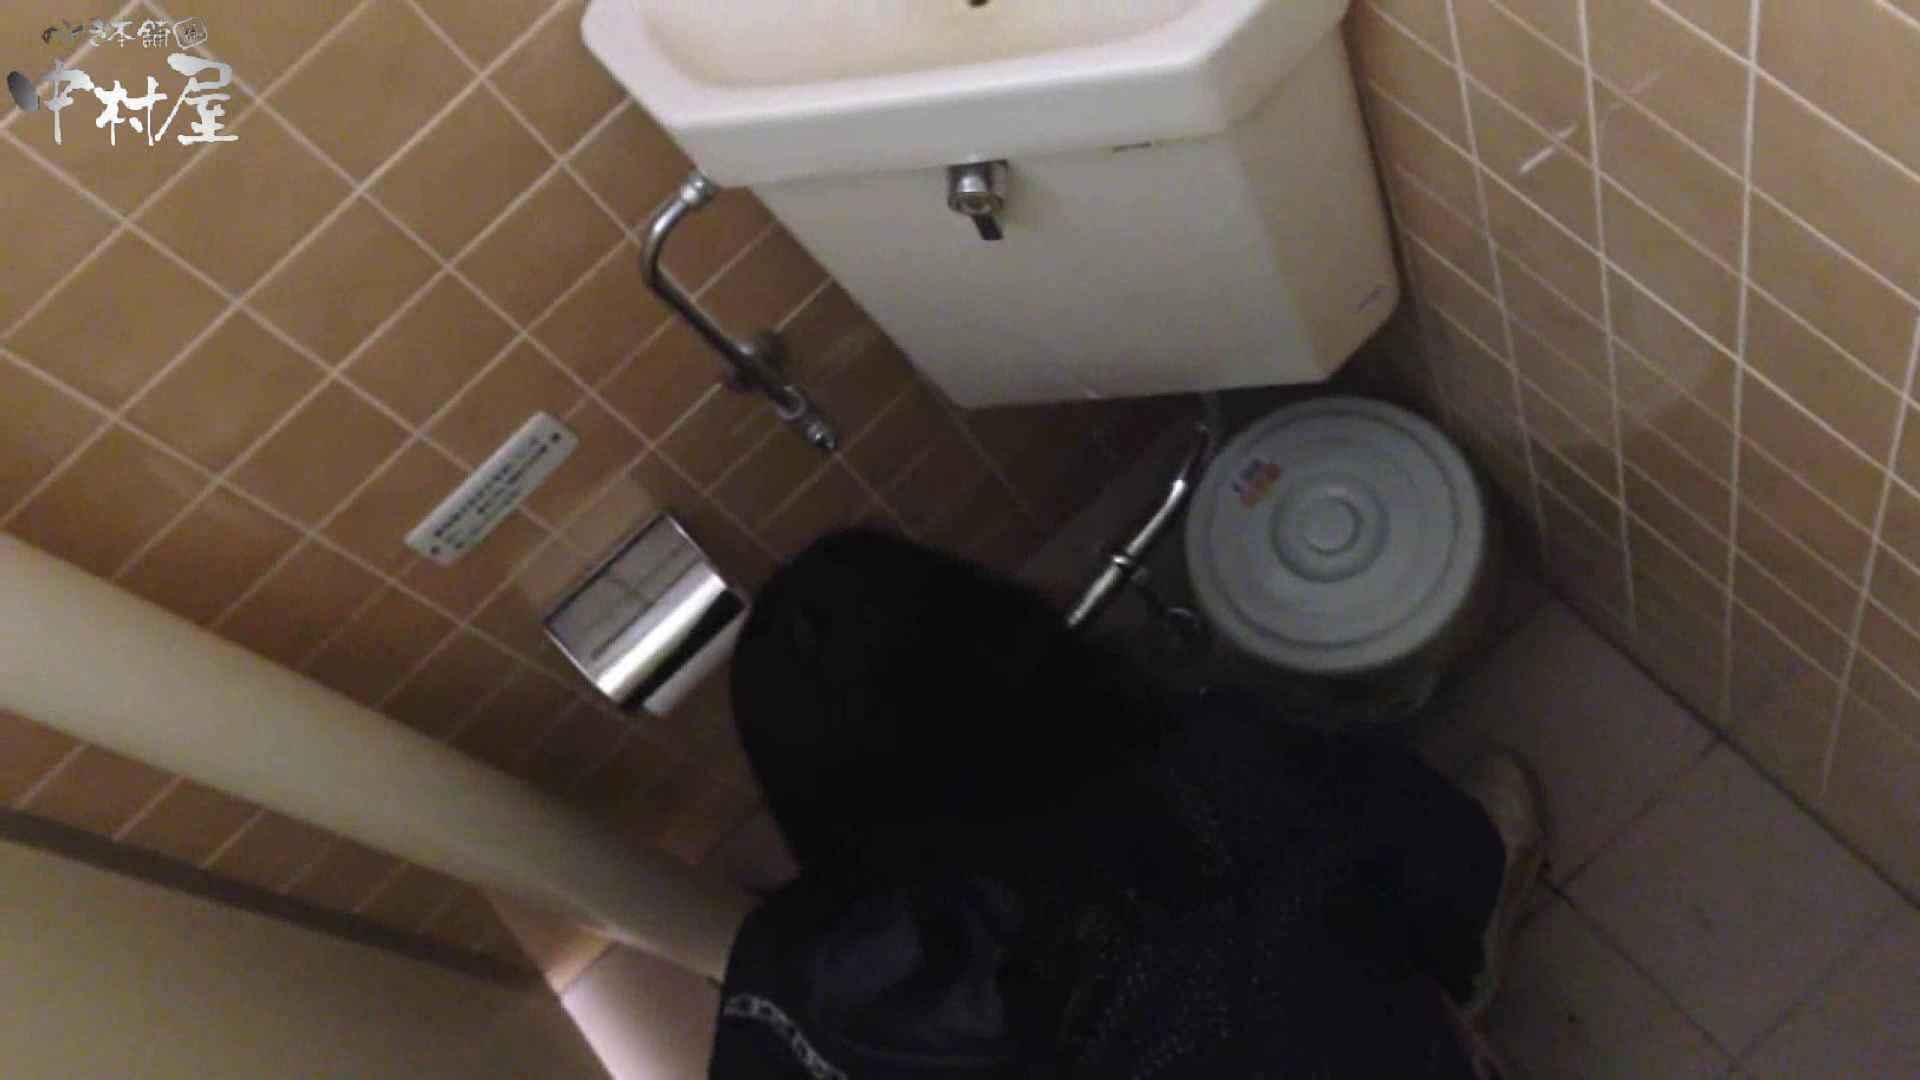 部活女子トイレ潜入編vol.5 OLセックス   盗撮  69画像 61